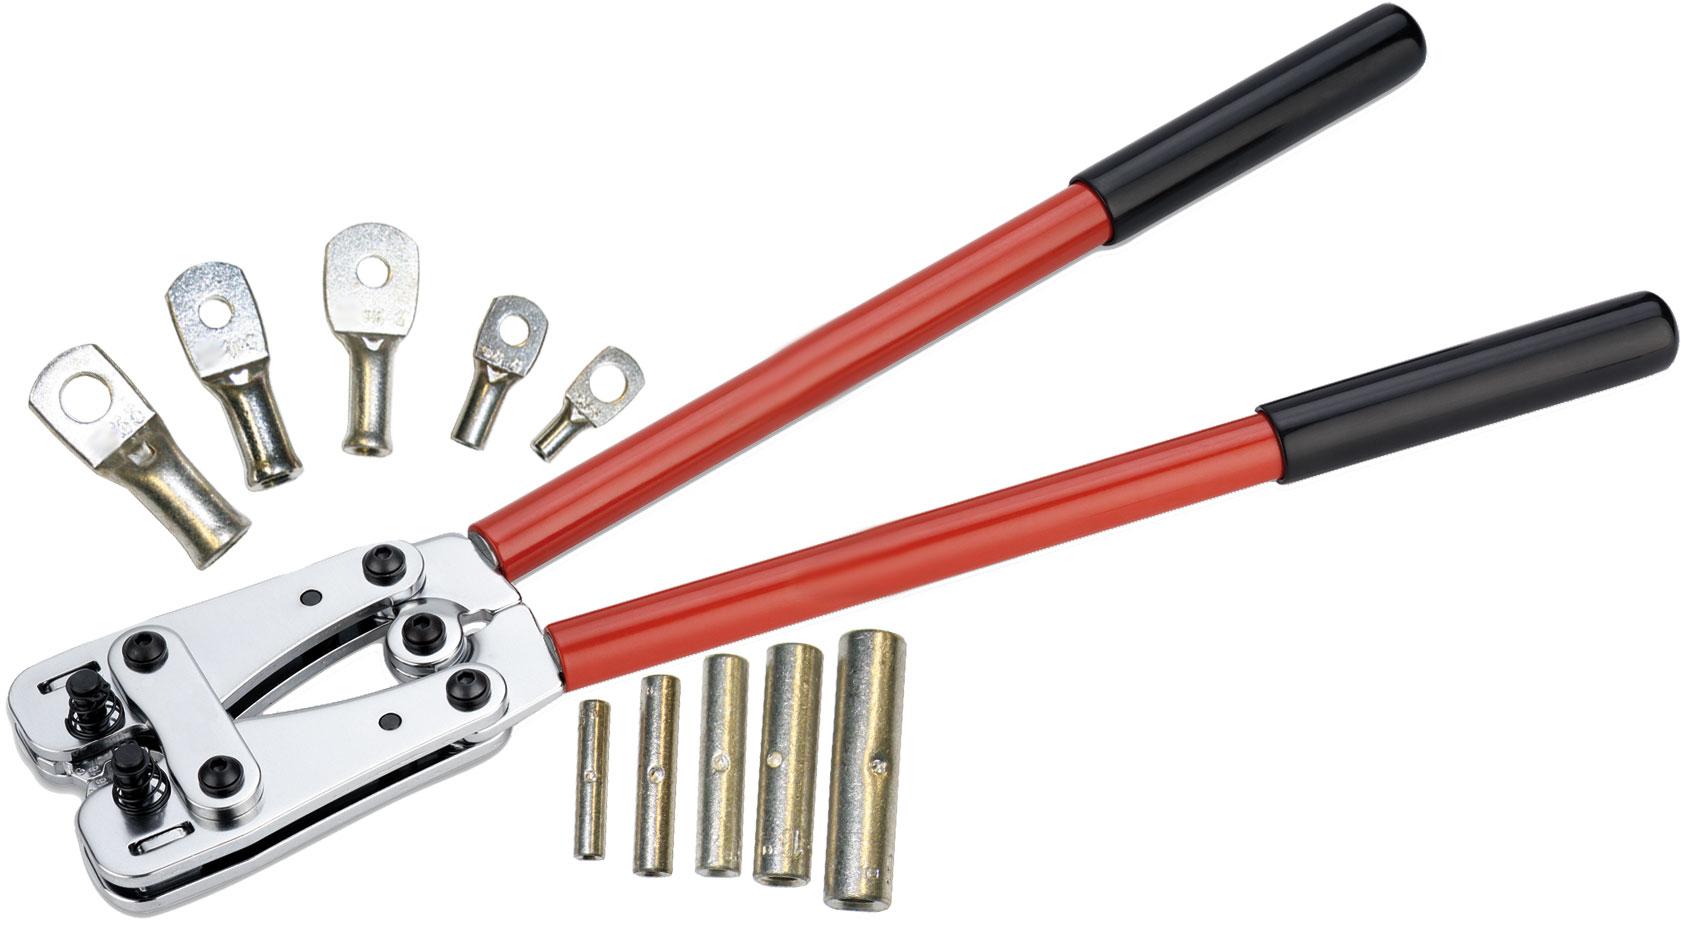 BTC PE - Pince à sertissage Hexagonal NF pour cosses de 6 à 120mm²